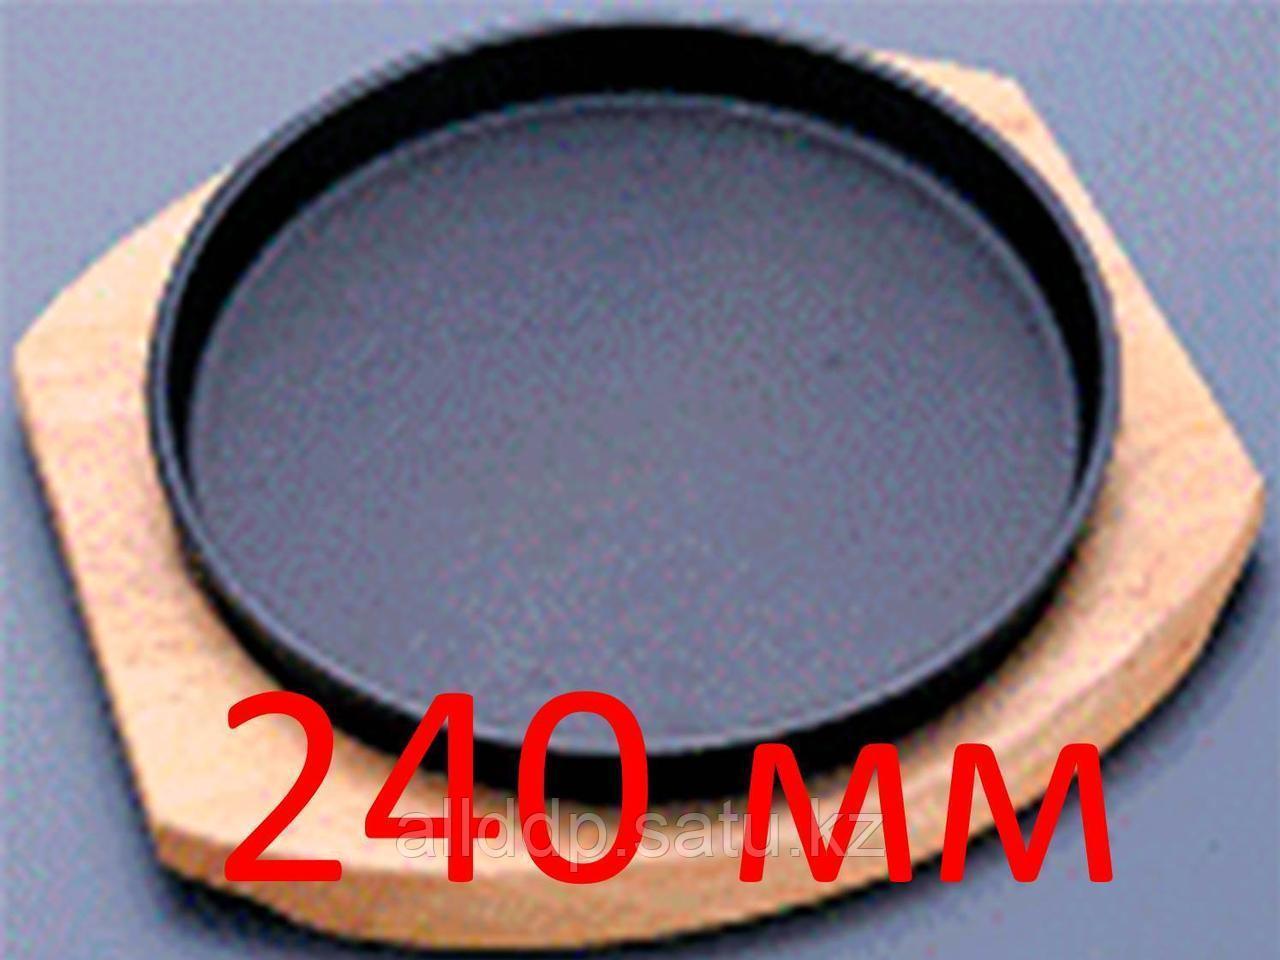 Сковорода-жаровня, круглая, на деревянной подставке, 240 мм